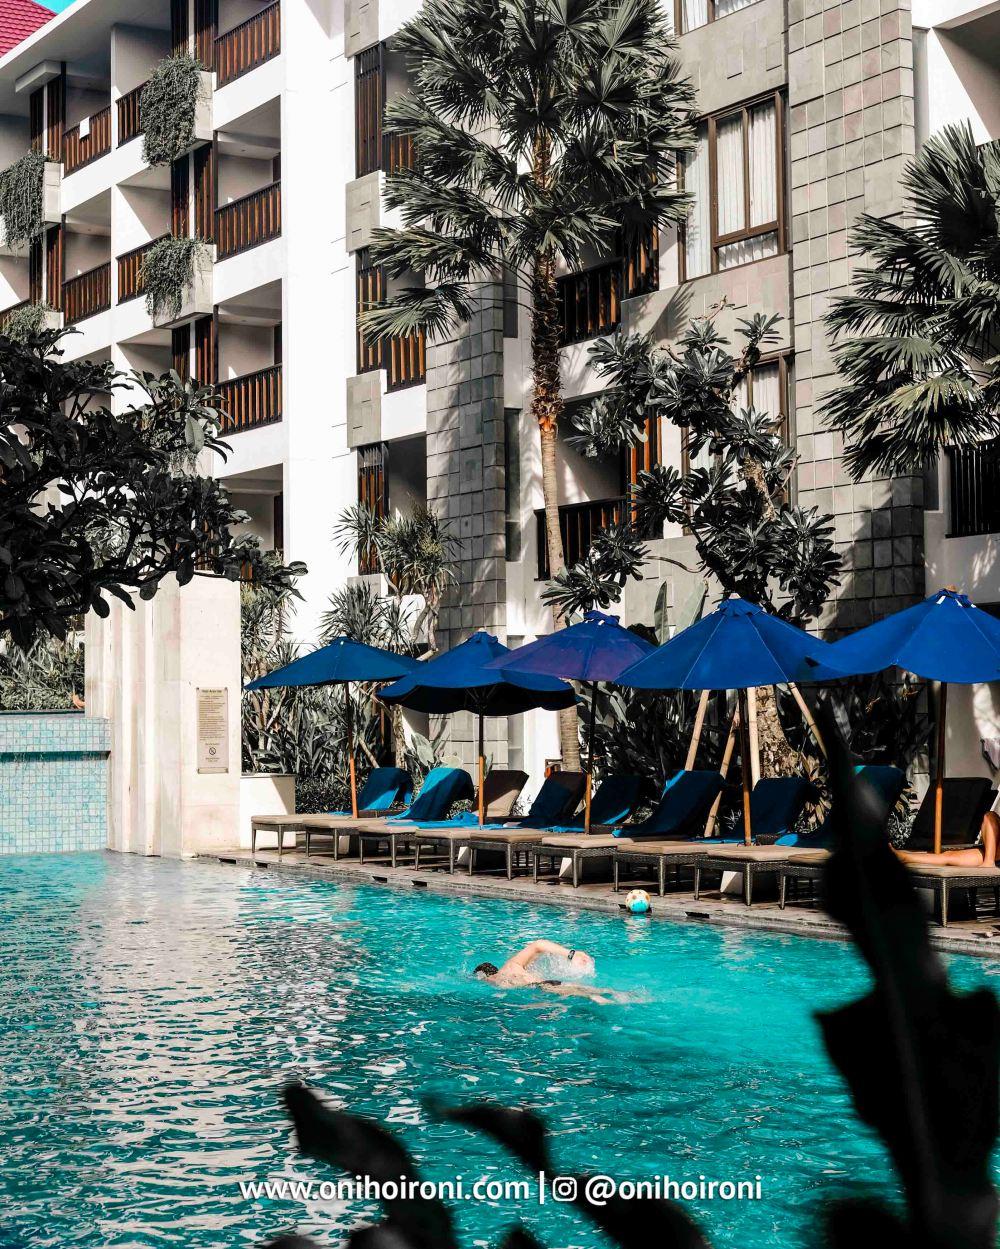 17 Swimming Pool Courtyard Seminyak